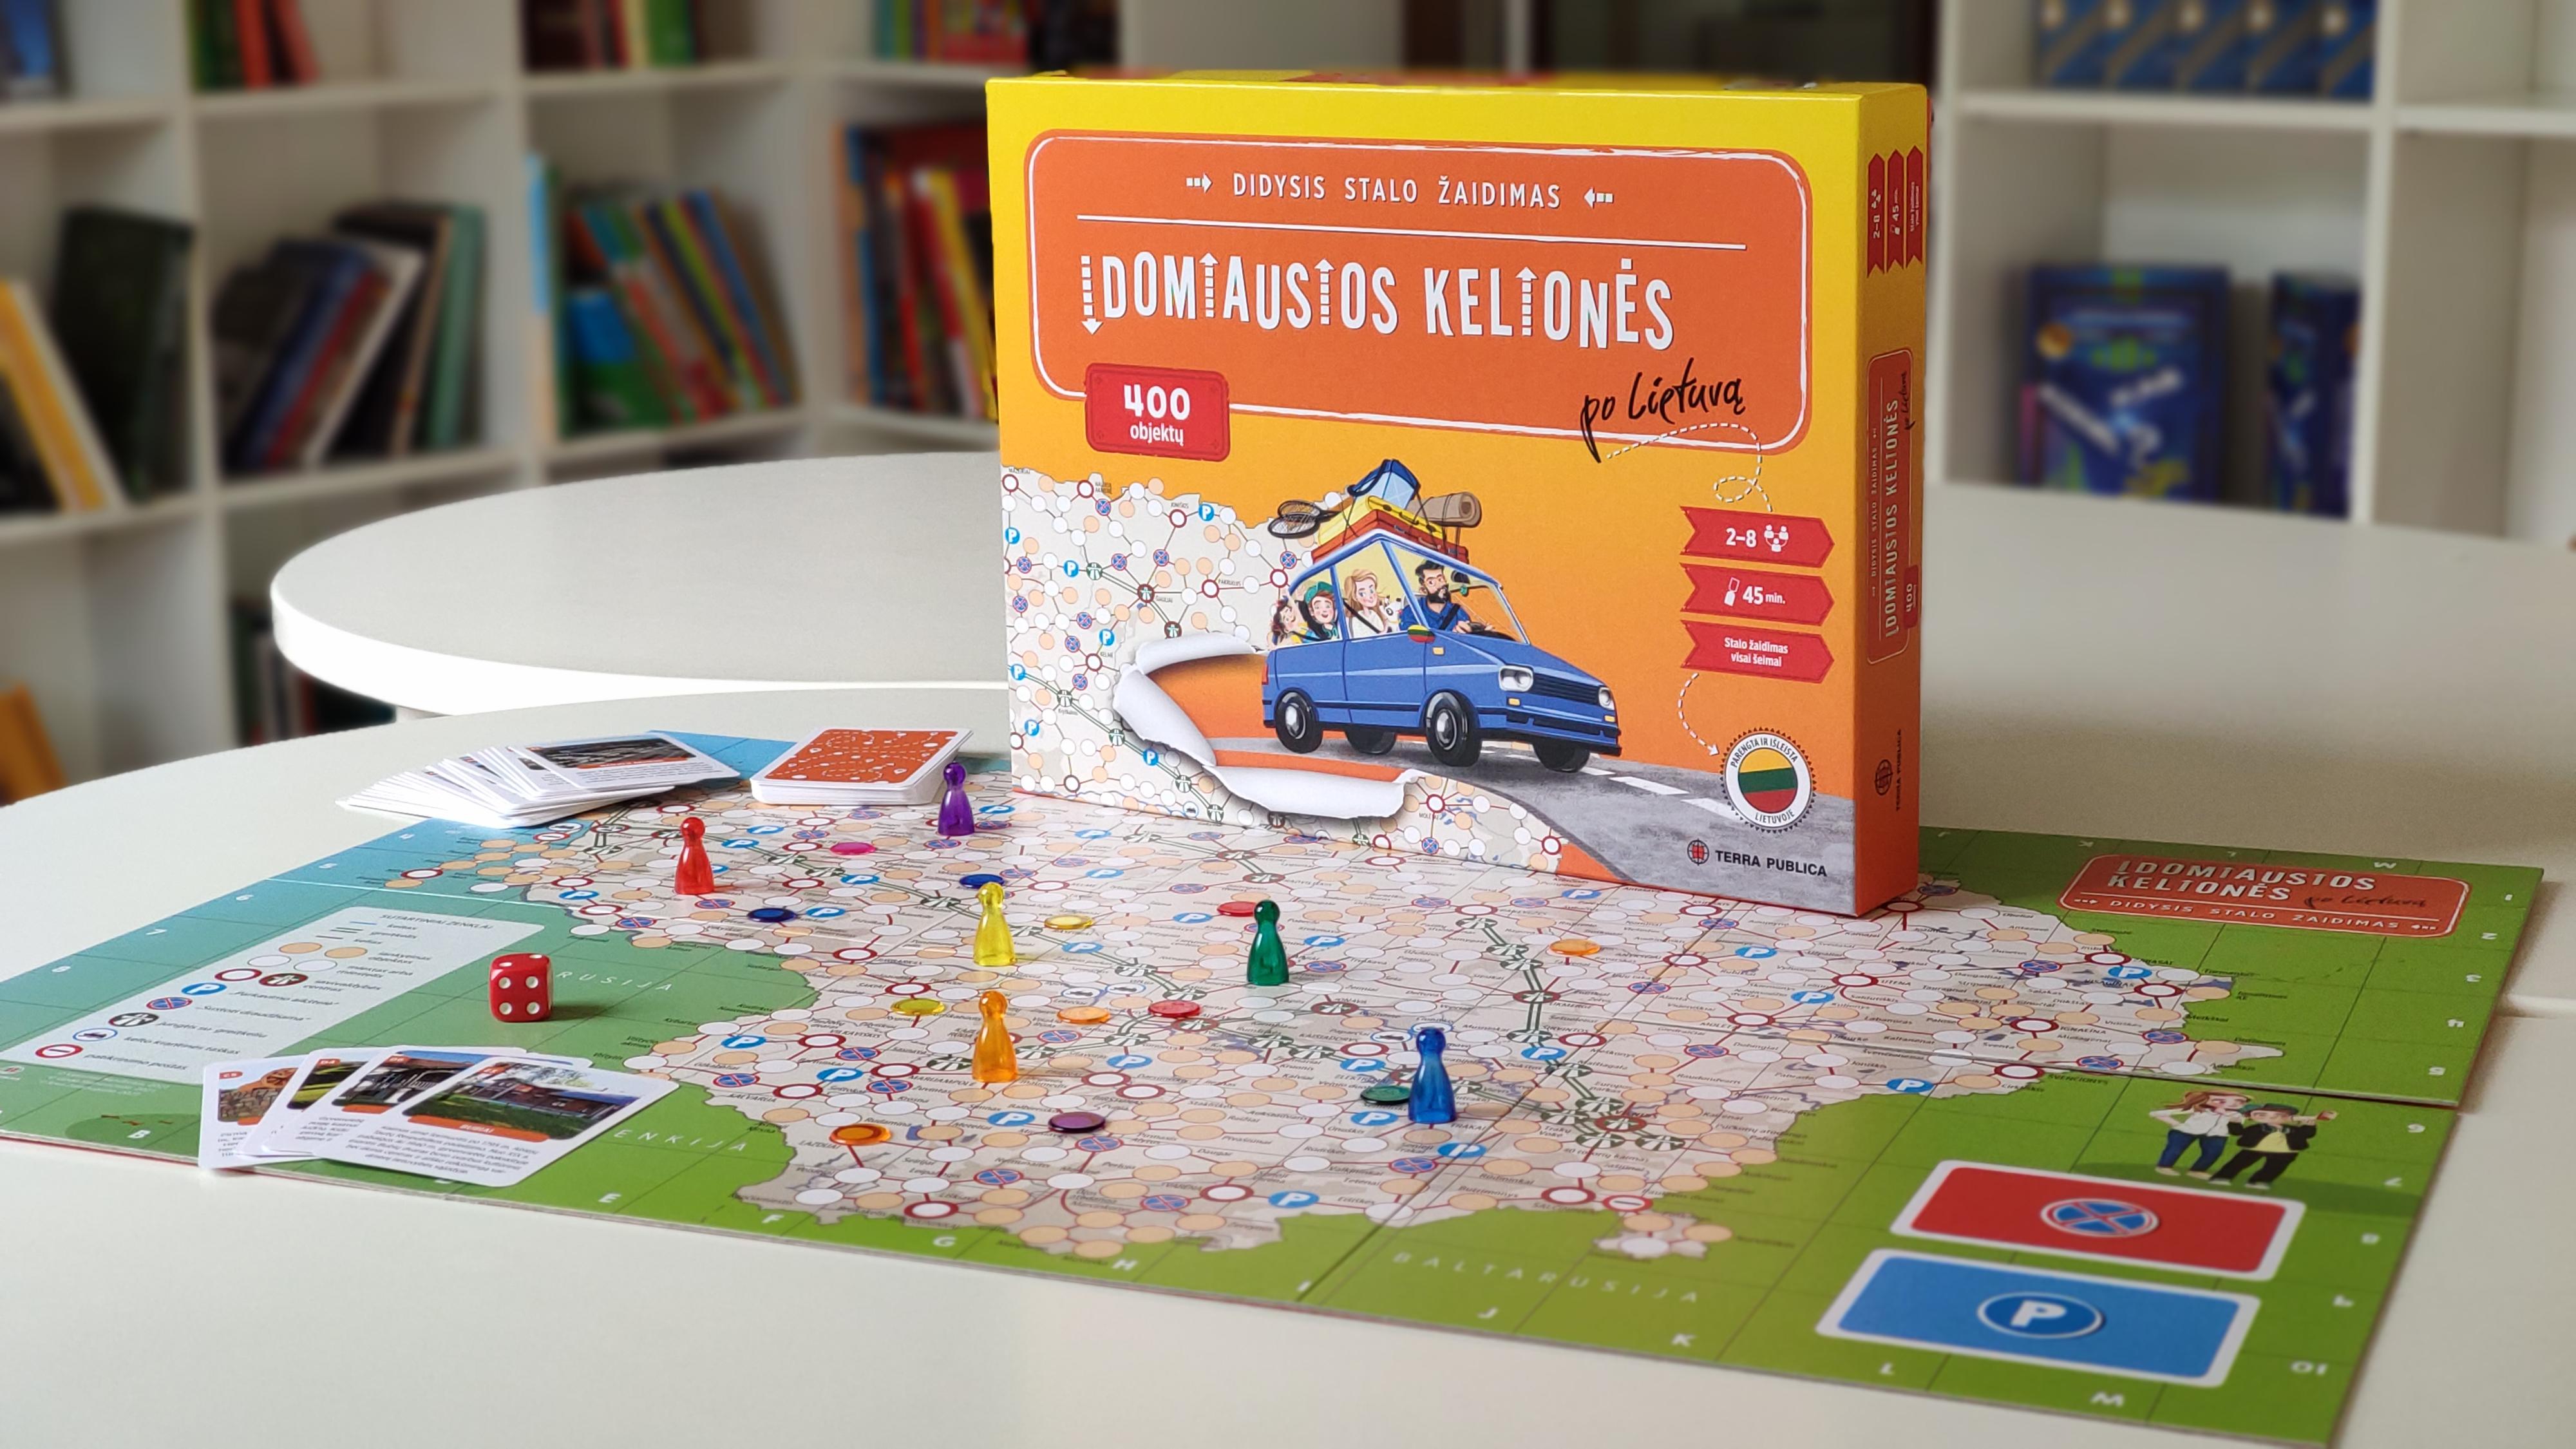 Įdomiausios kelionės po Lietuvą. Didysis stalo žaidimas